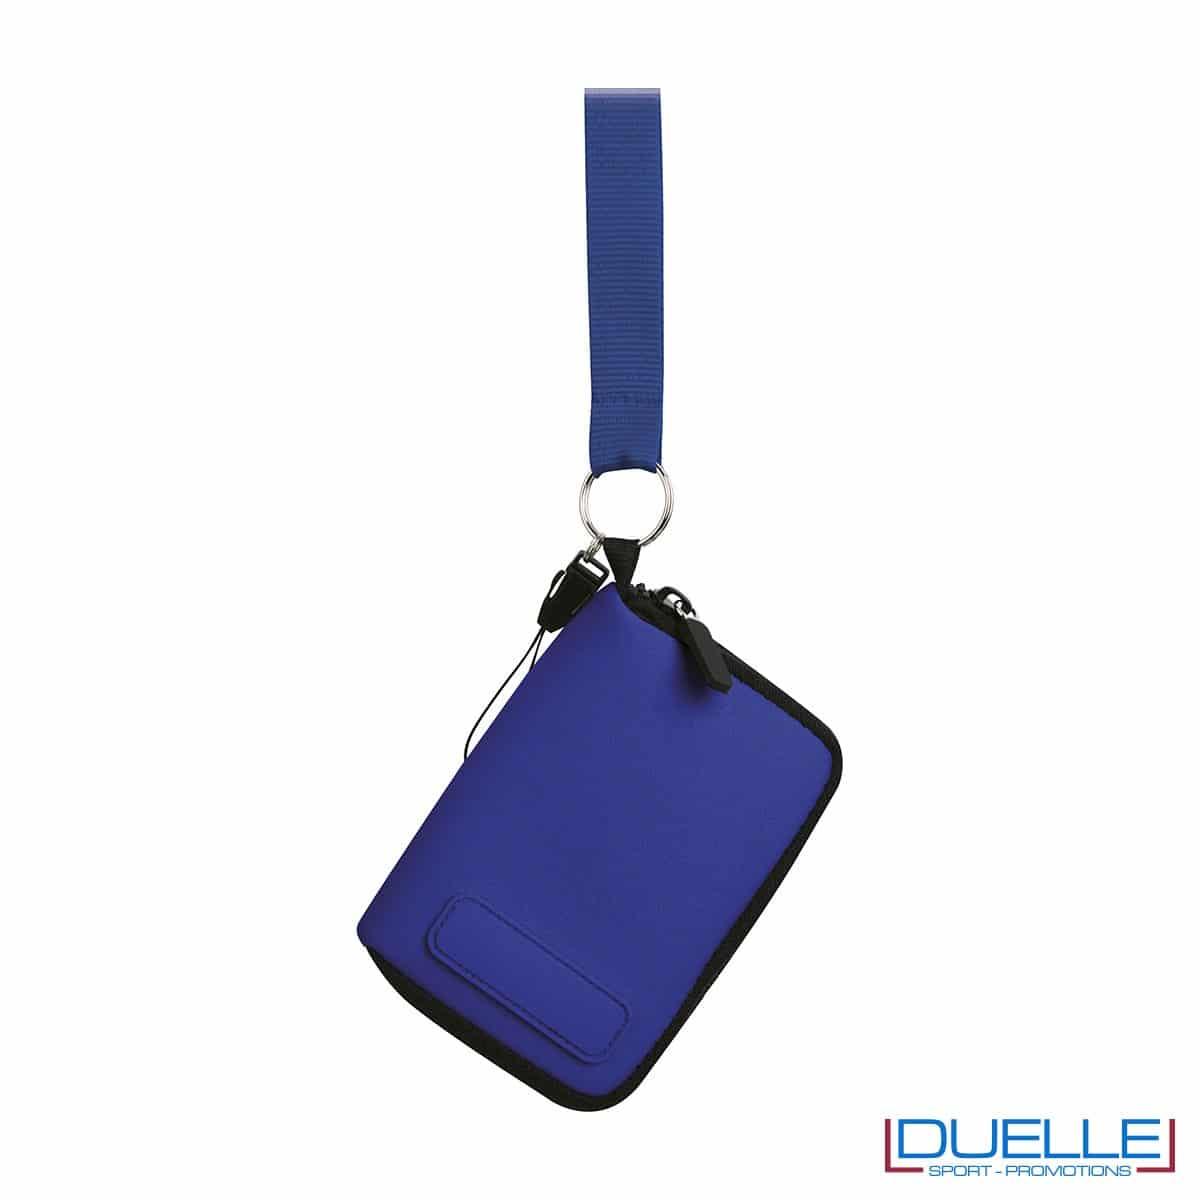 portacellulare da collo con cerniera e foro per cuffie in colore blu personalizzato, gadget estate, gadget personalizzati